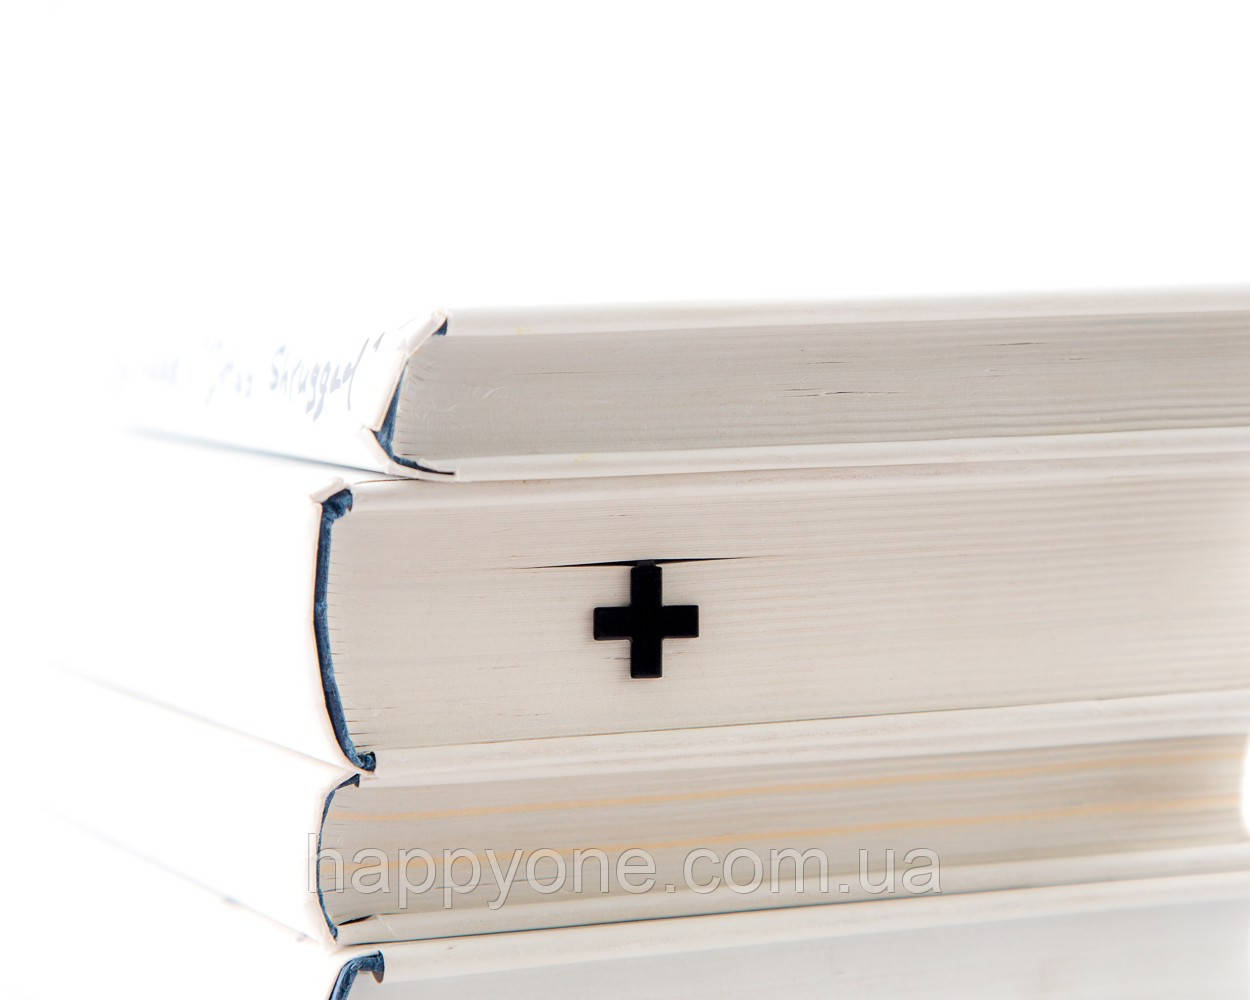 Закладка для книг Крест